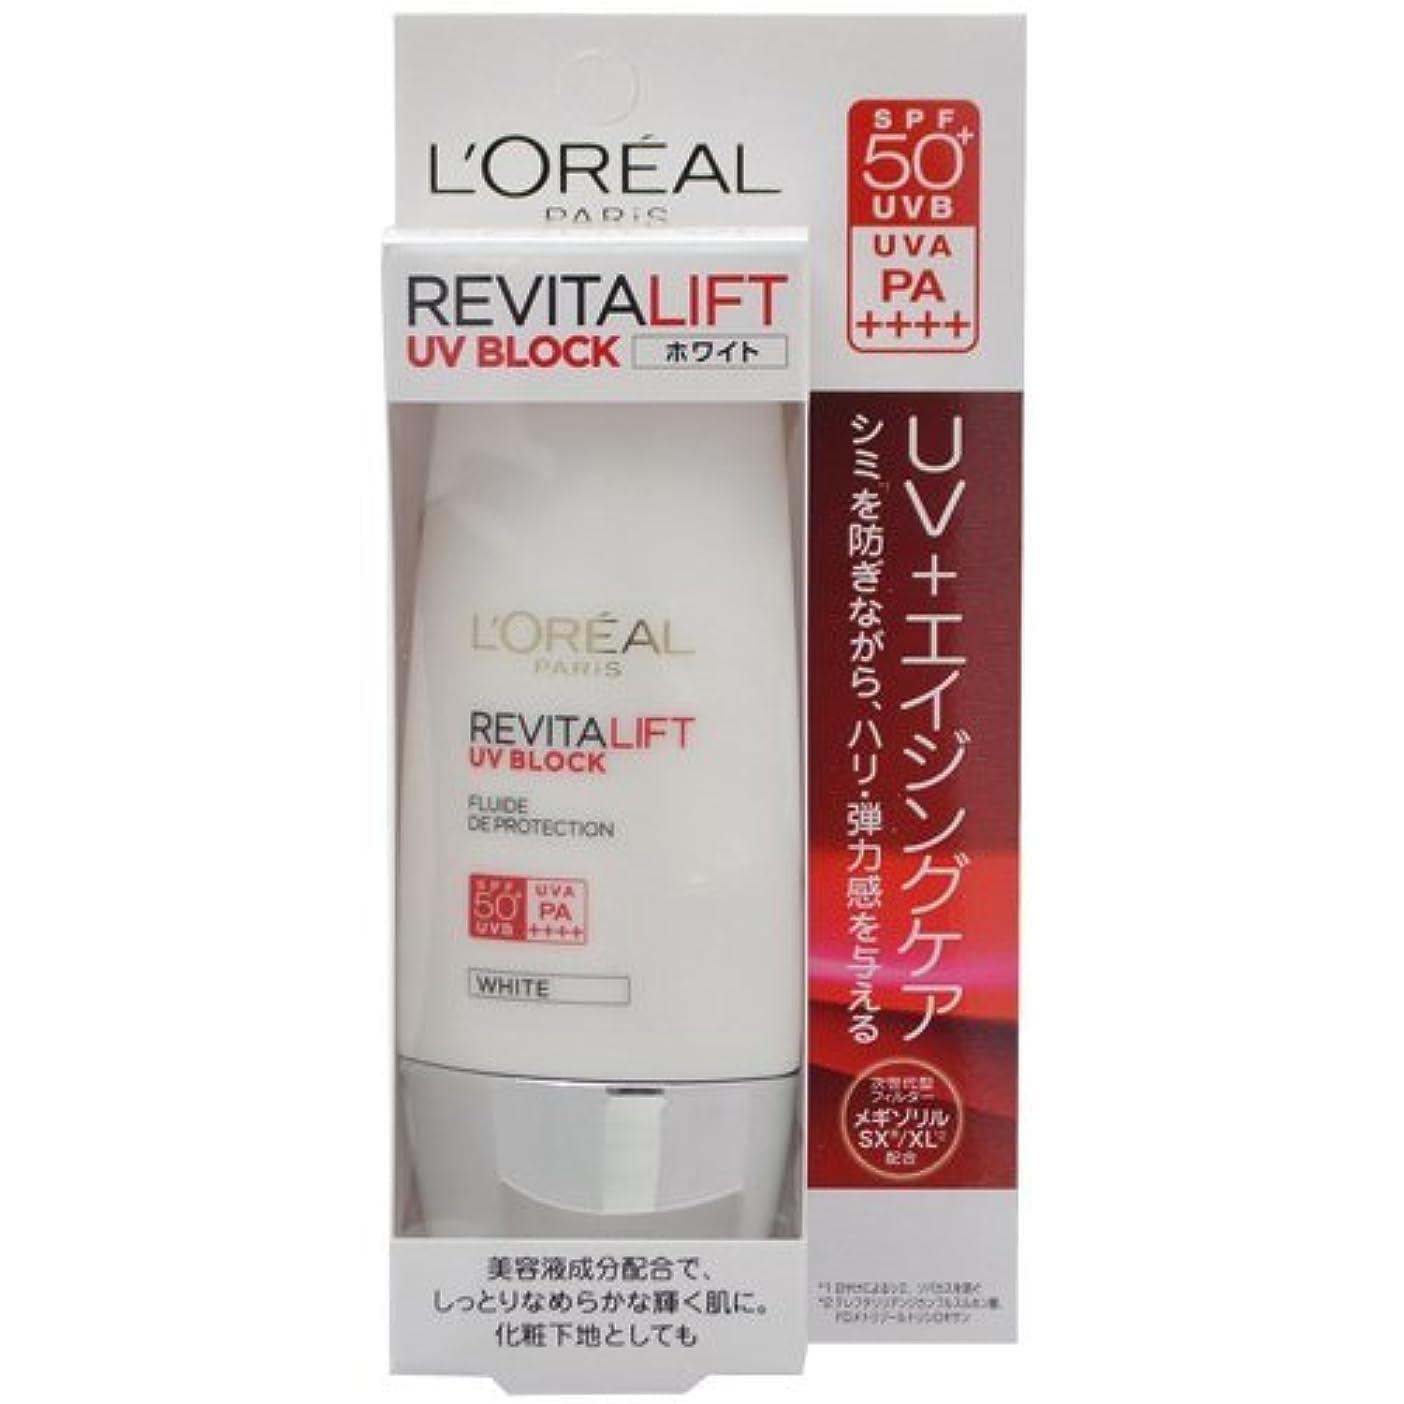 契約する契約する疑問を超えてロレアル パリ リバイタルリフト UV ブロック ホワイト 日やけ止め乳液 メイクアップベース (30g) SPF50+ PA++++